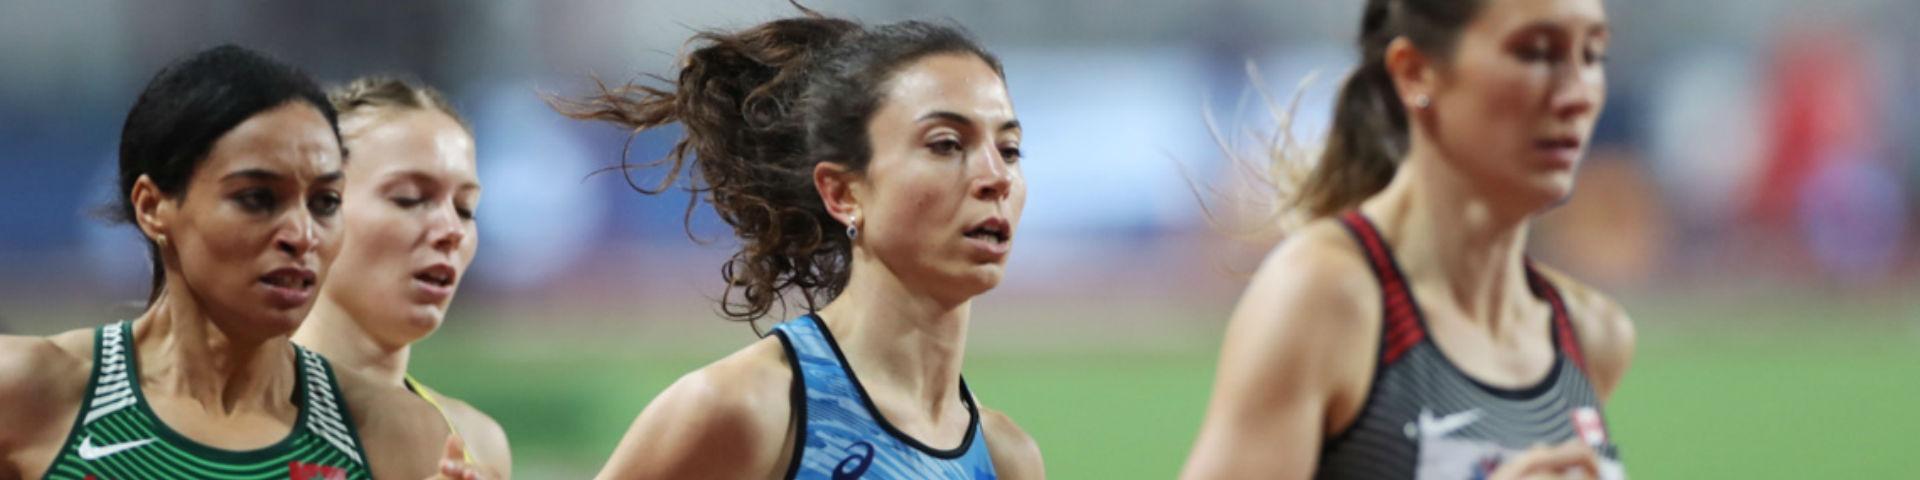 ИААФ начала мониторить рынок ставок на ЧМ-2019 по лёгкой атлетике